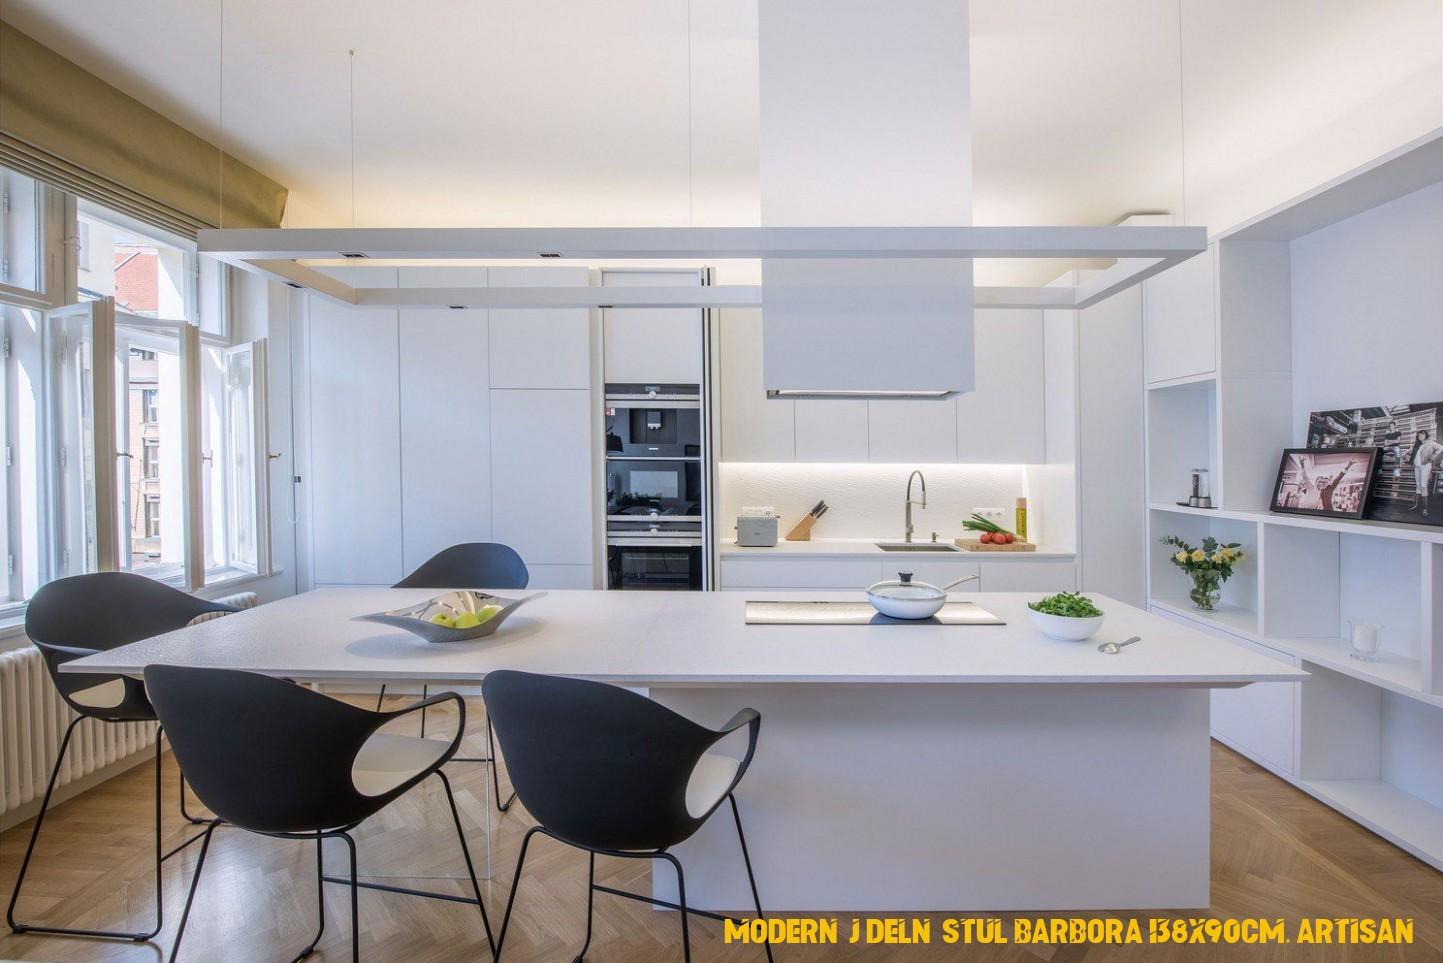 Centrum obytného prostoru tvoří kuchyňský ostrov, jehož pracovní ...